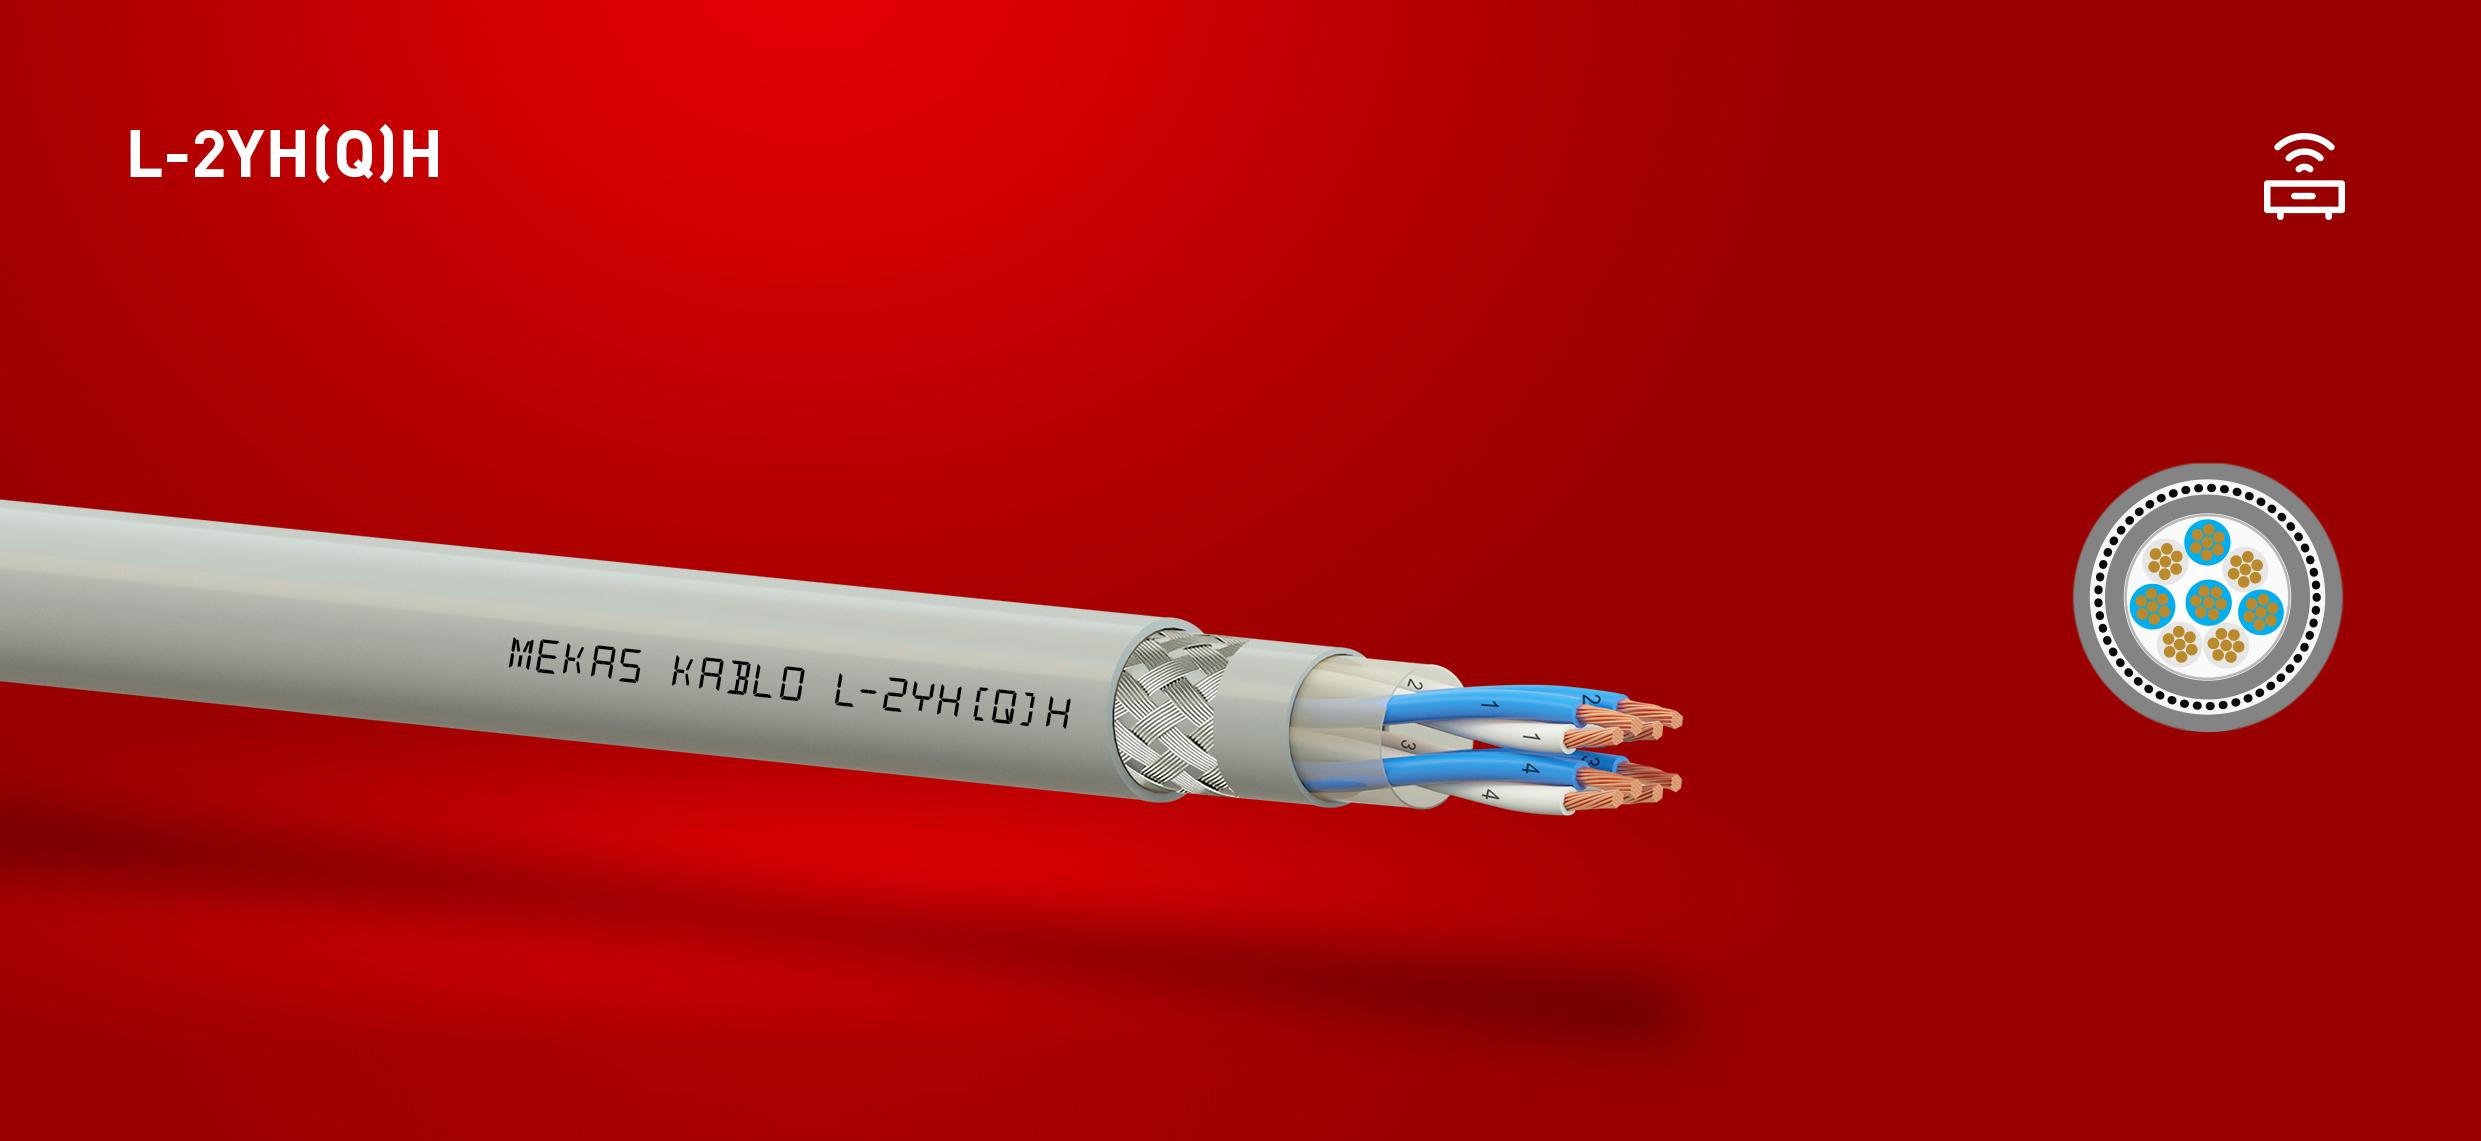 L-2YH(Q)H Kablo